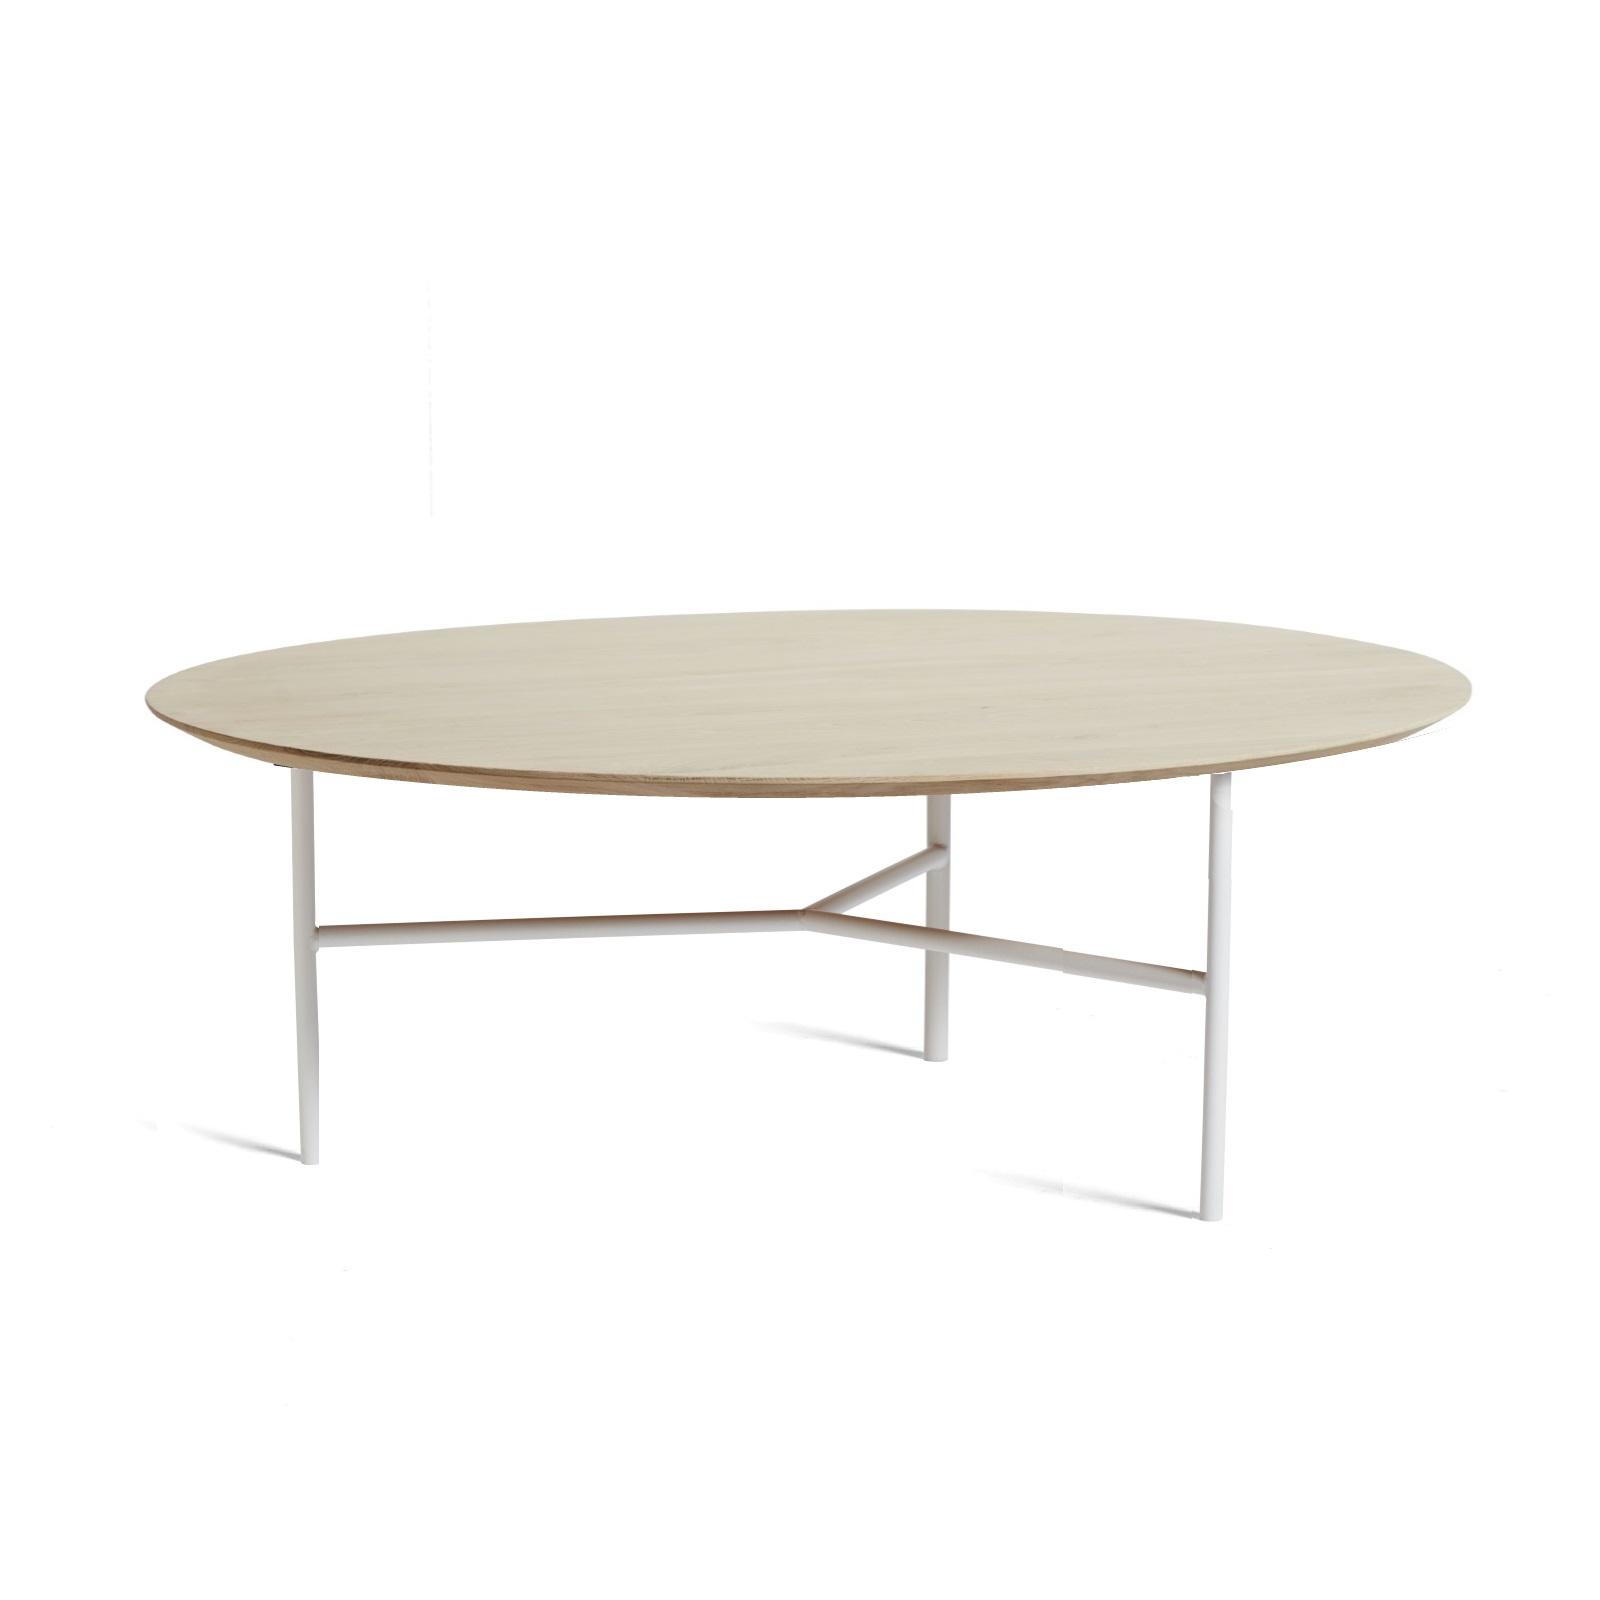 TRIBECA soffbord 110 cm såpad ek / vit, Mavis